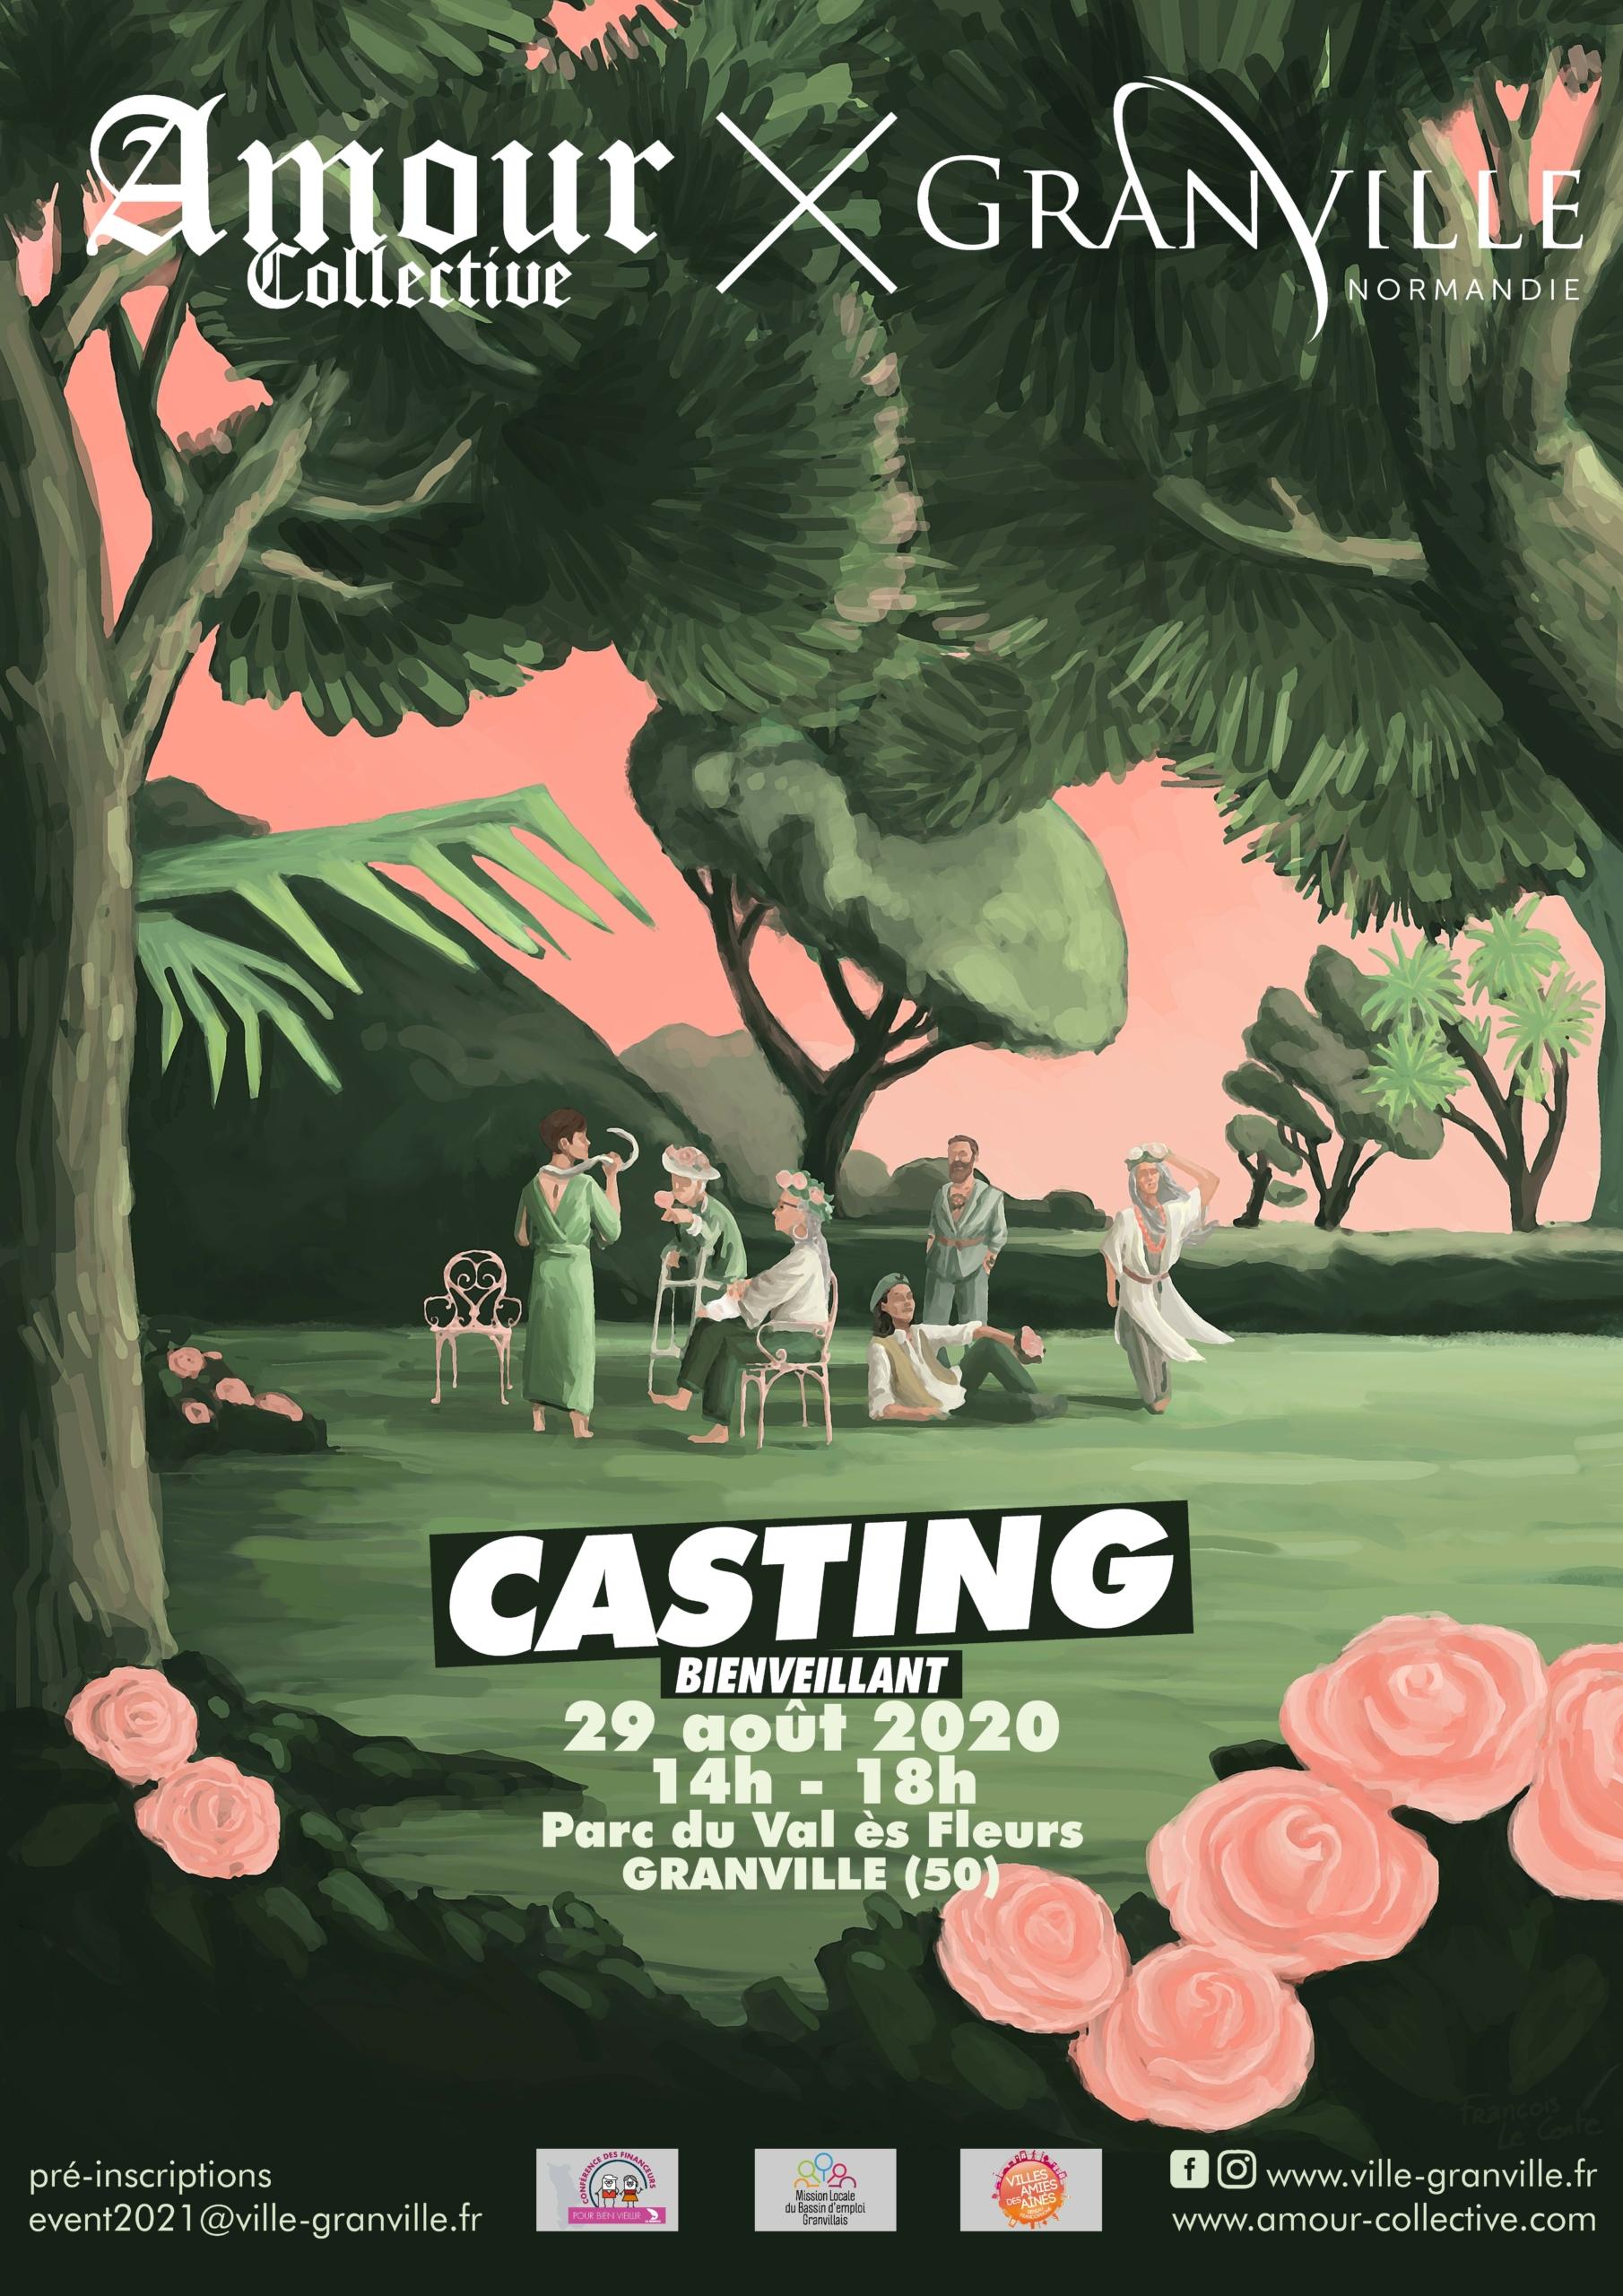 Affiche casting bienveillant Amour Collective x Granville Normandie.